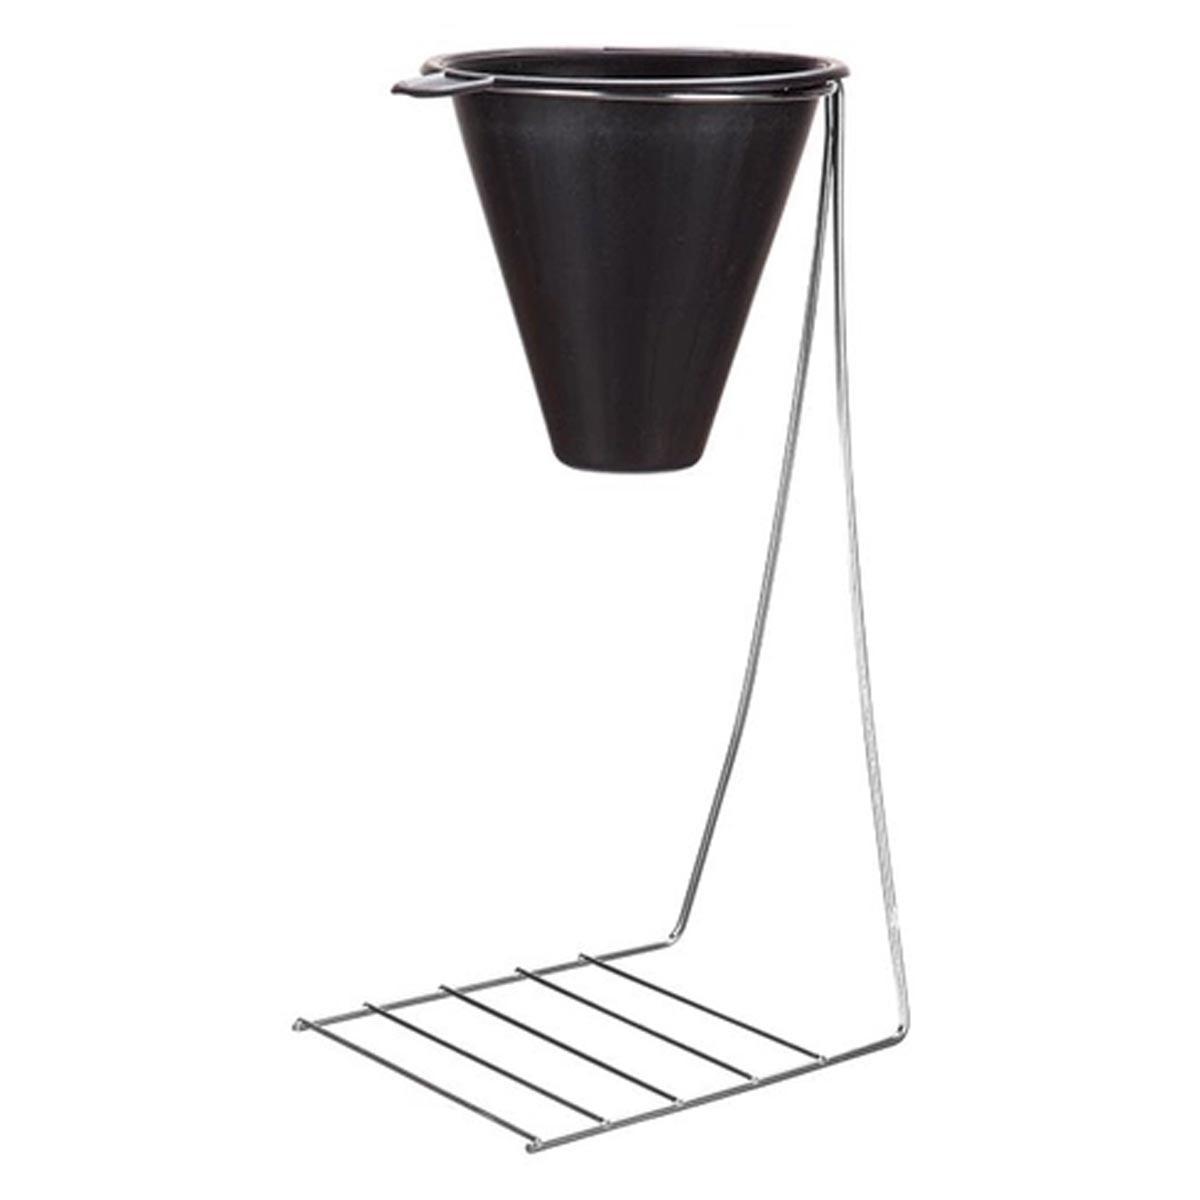 Suporte Coador Altair Para Café com Porta filtro em Plástico